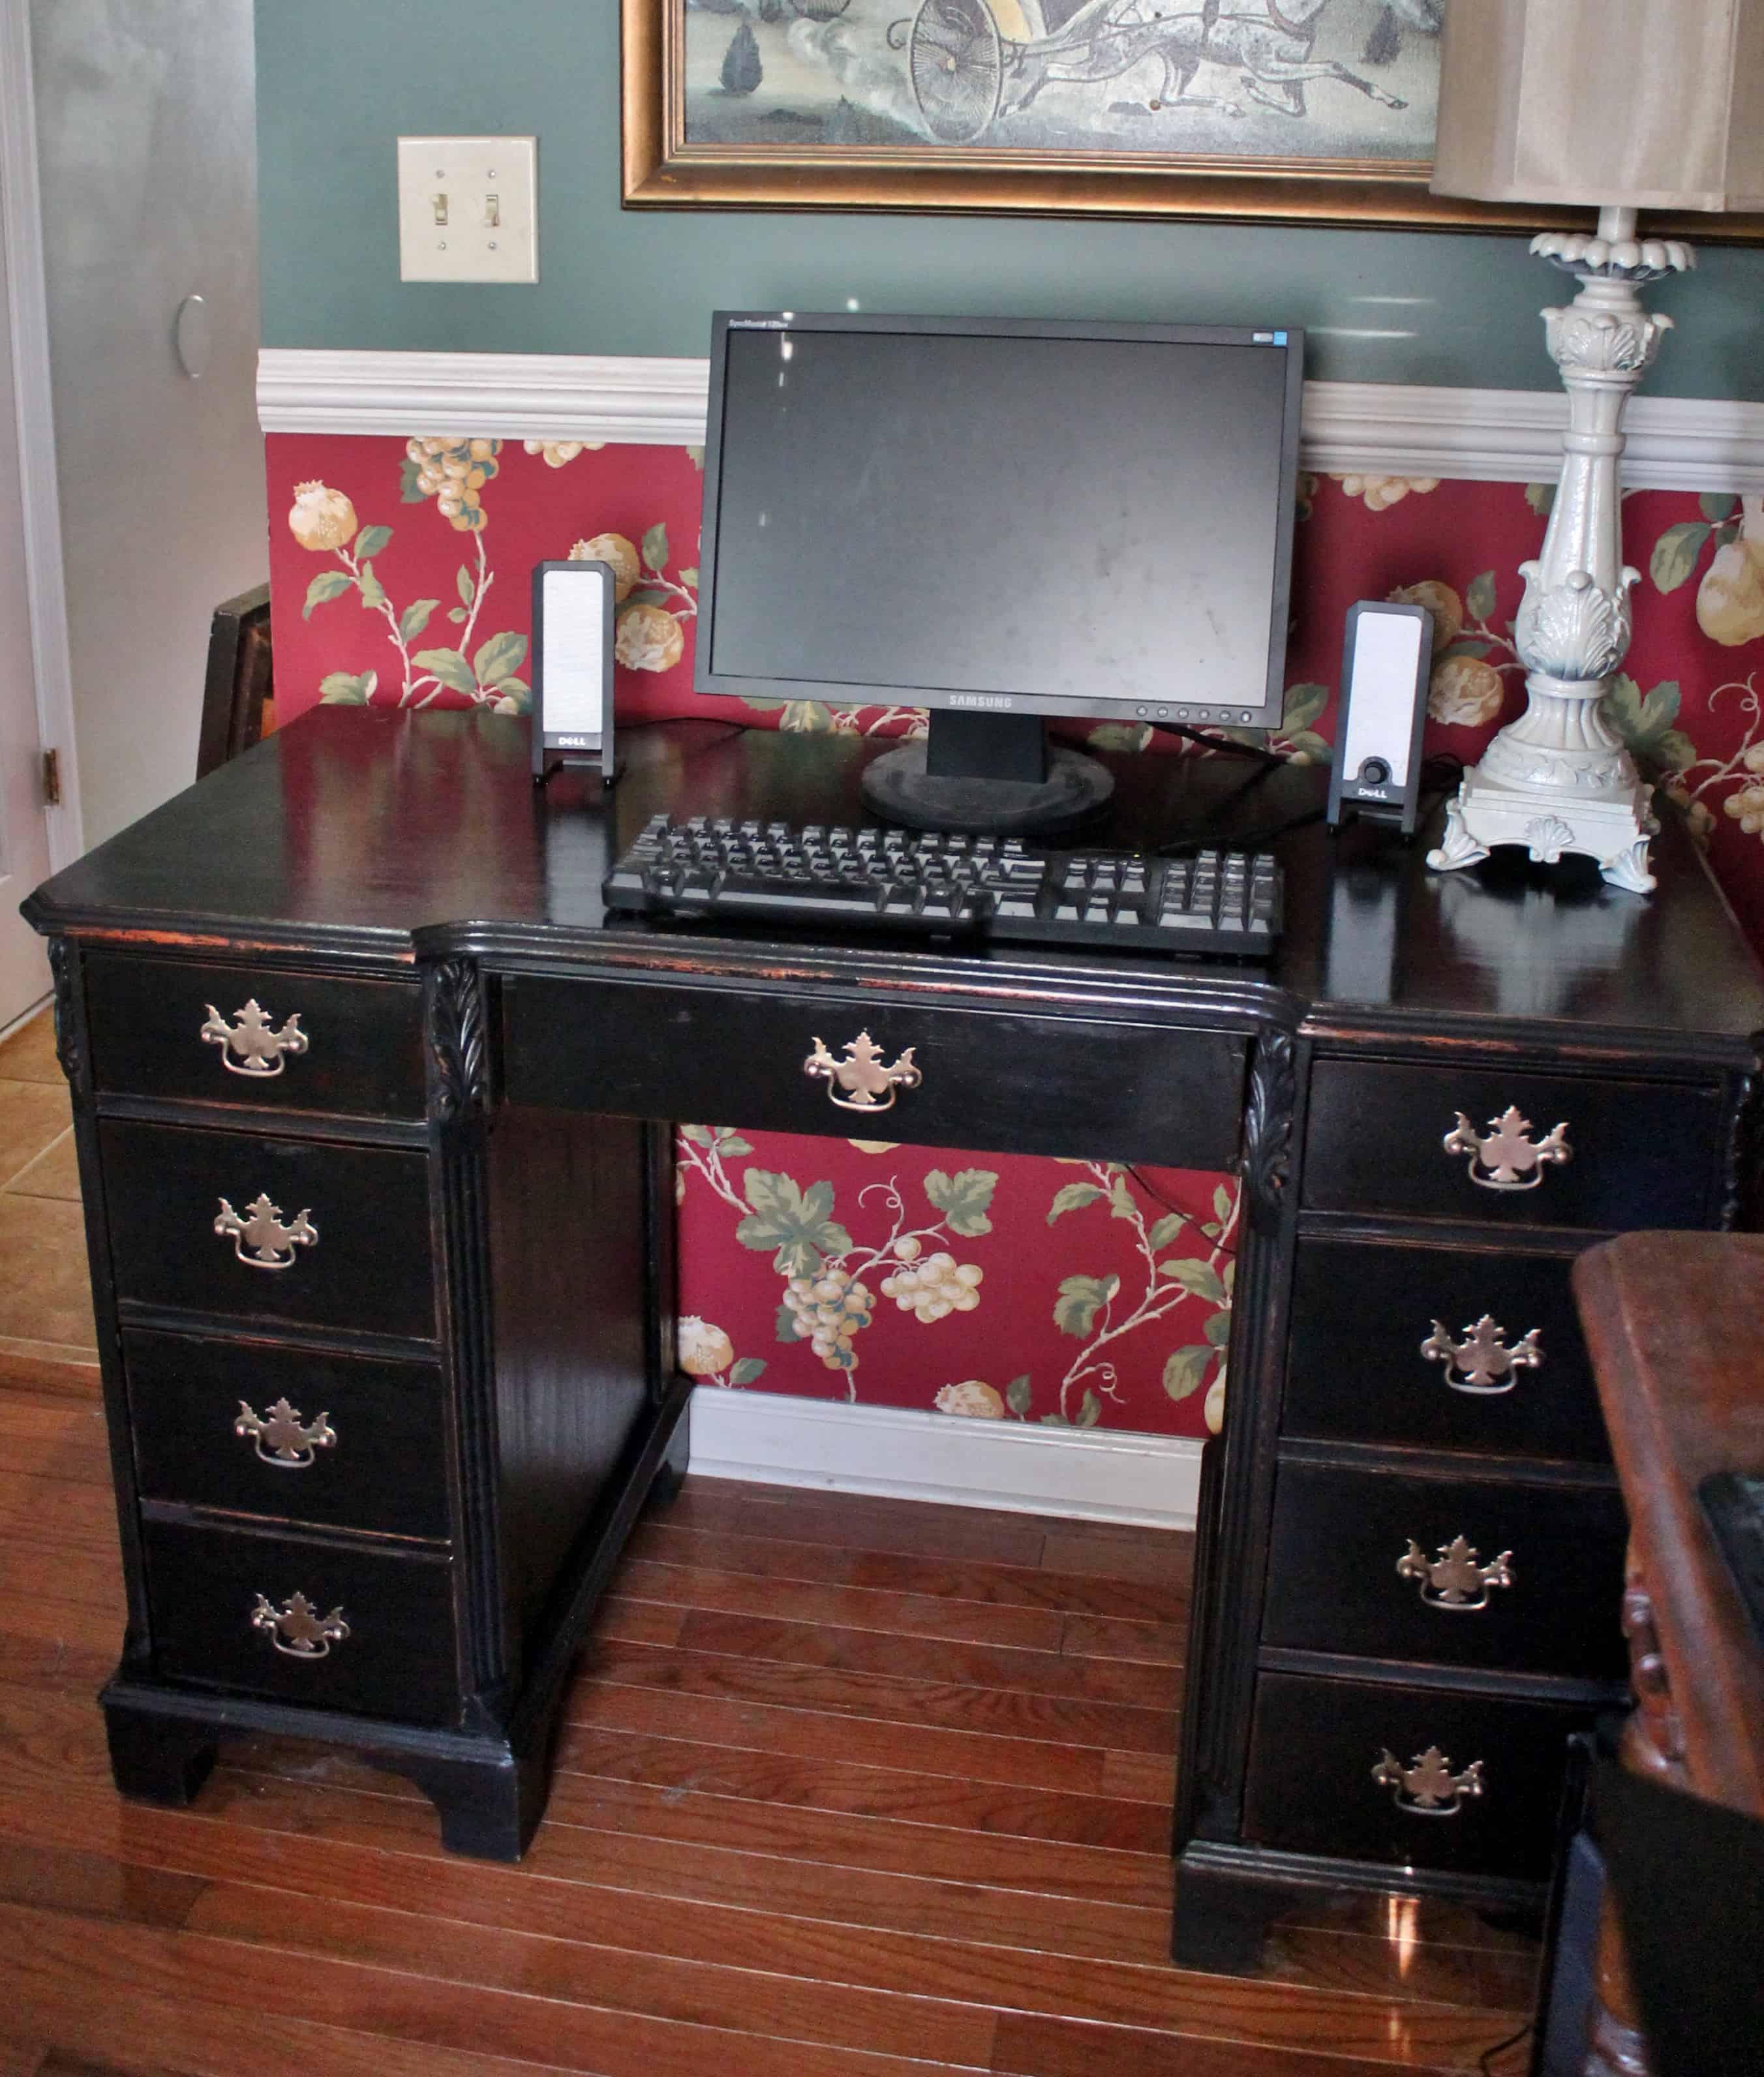 Made-over vintage keyhole desk in office